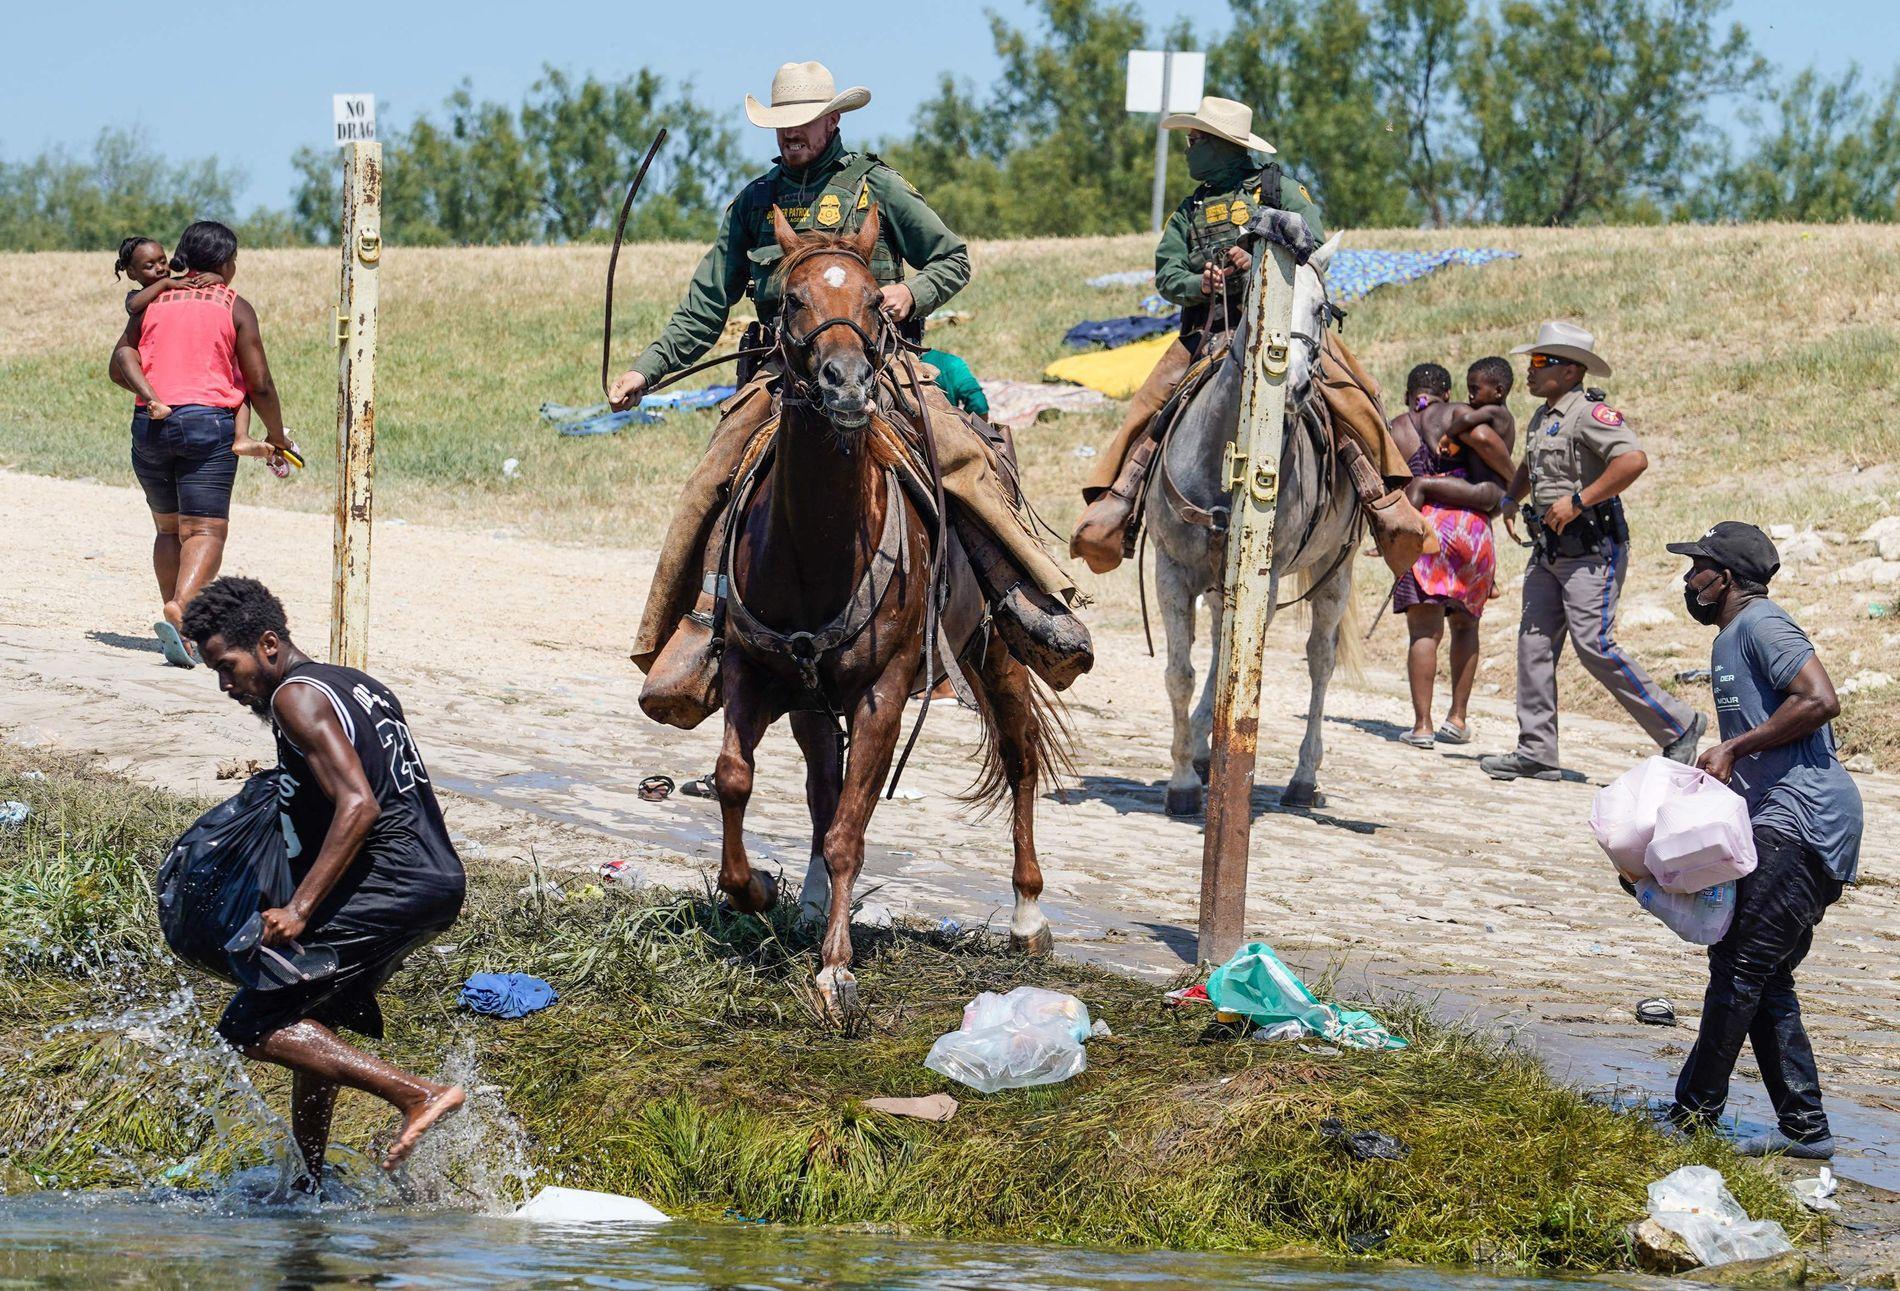 Skal granske pisking av haitiske migranter: – Forferdet - VG